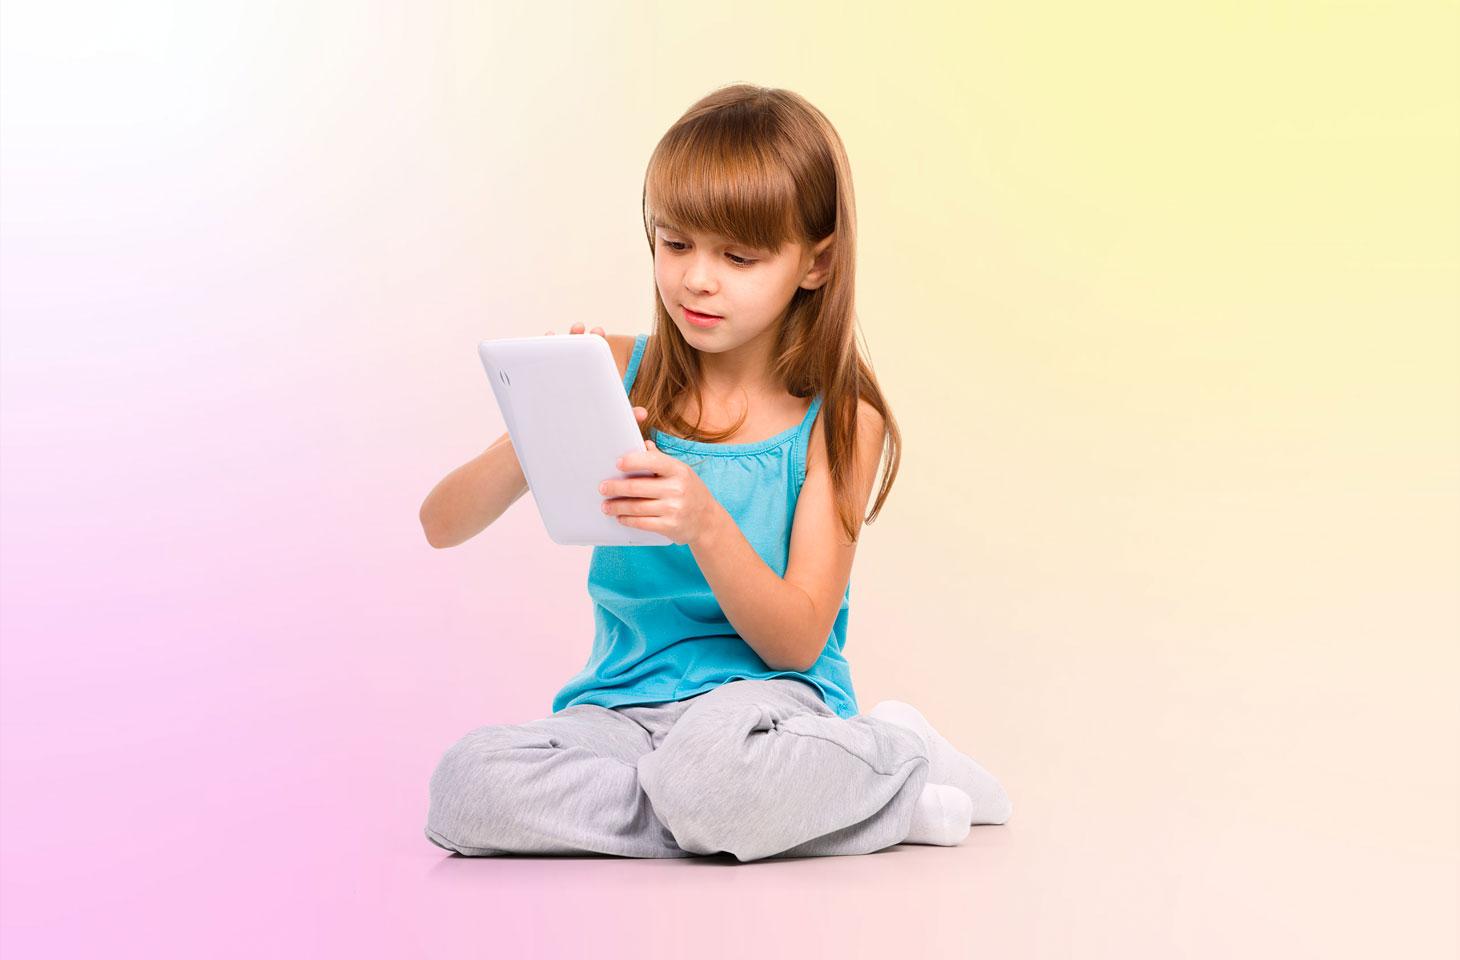 Как с пользой провести время в самоизоляции: 10 лучших мобильных игр для развития детей